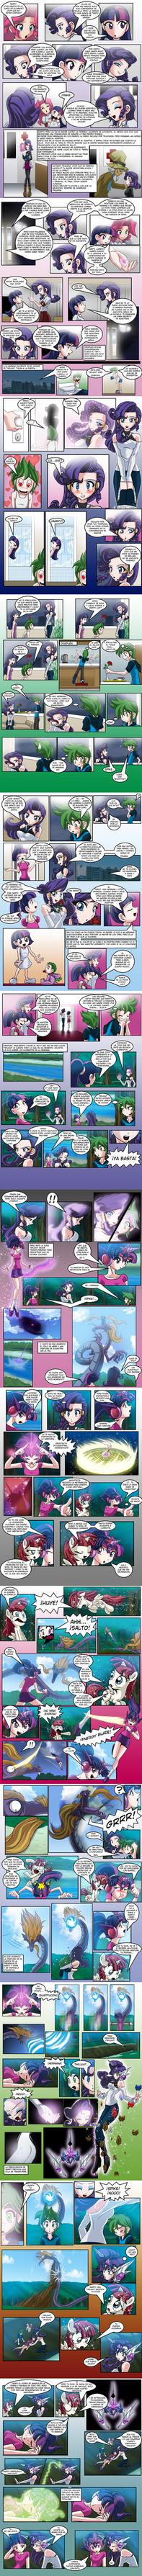 la magia de la amistad 02 parte 2 by mauroz